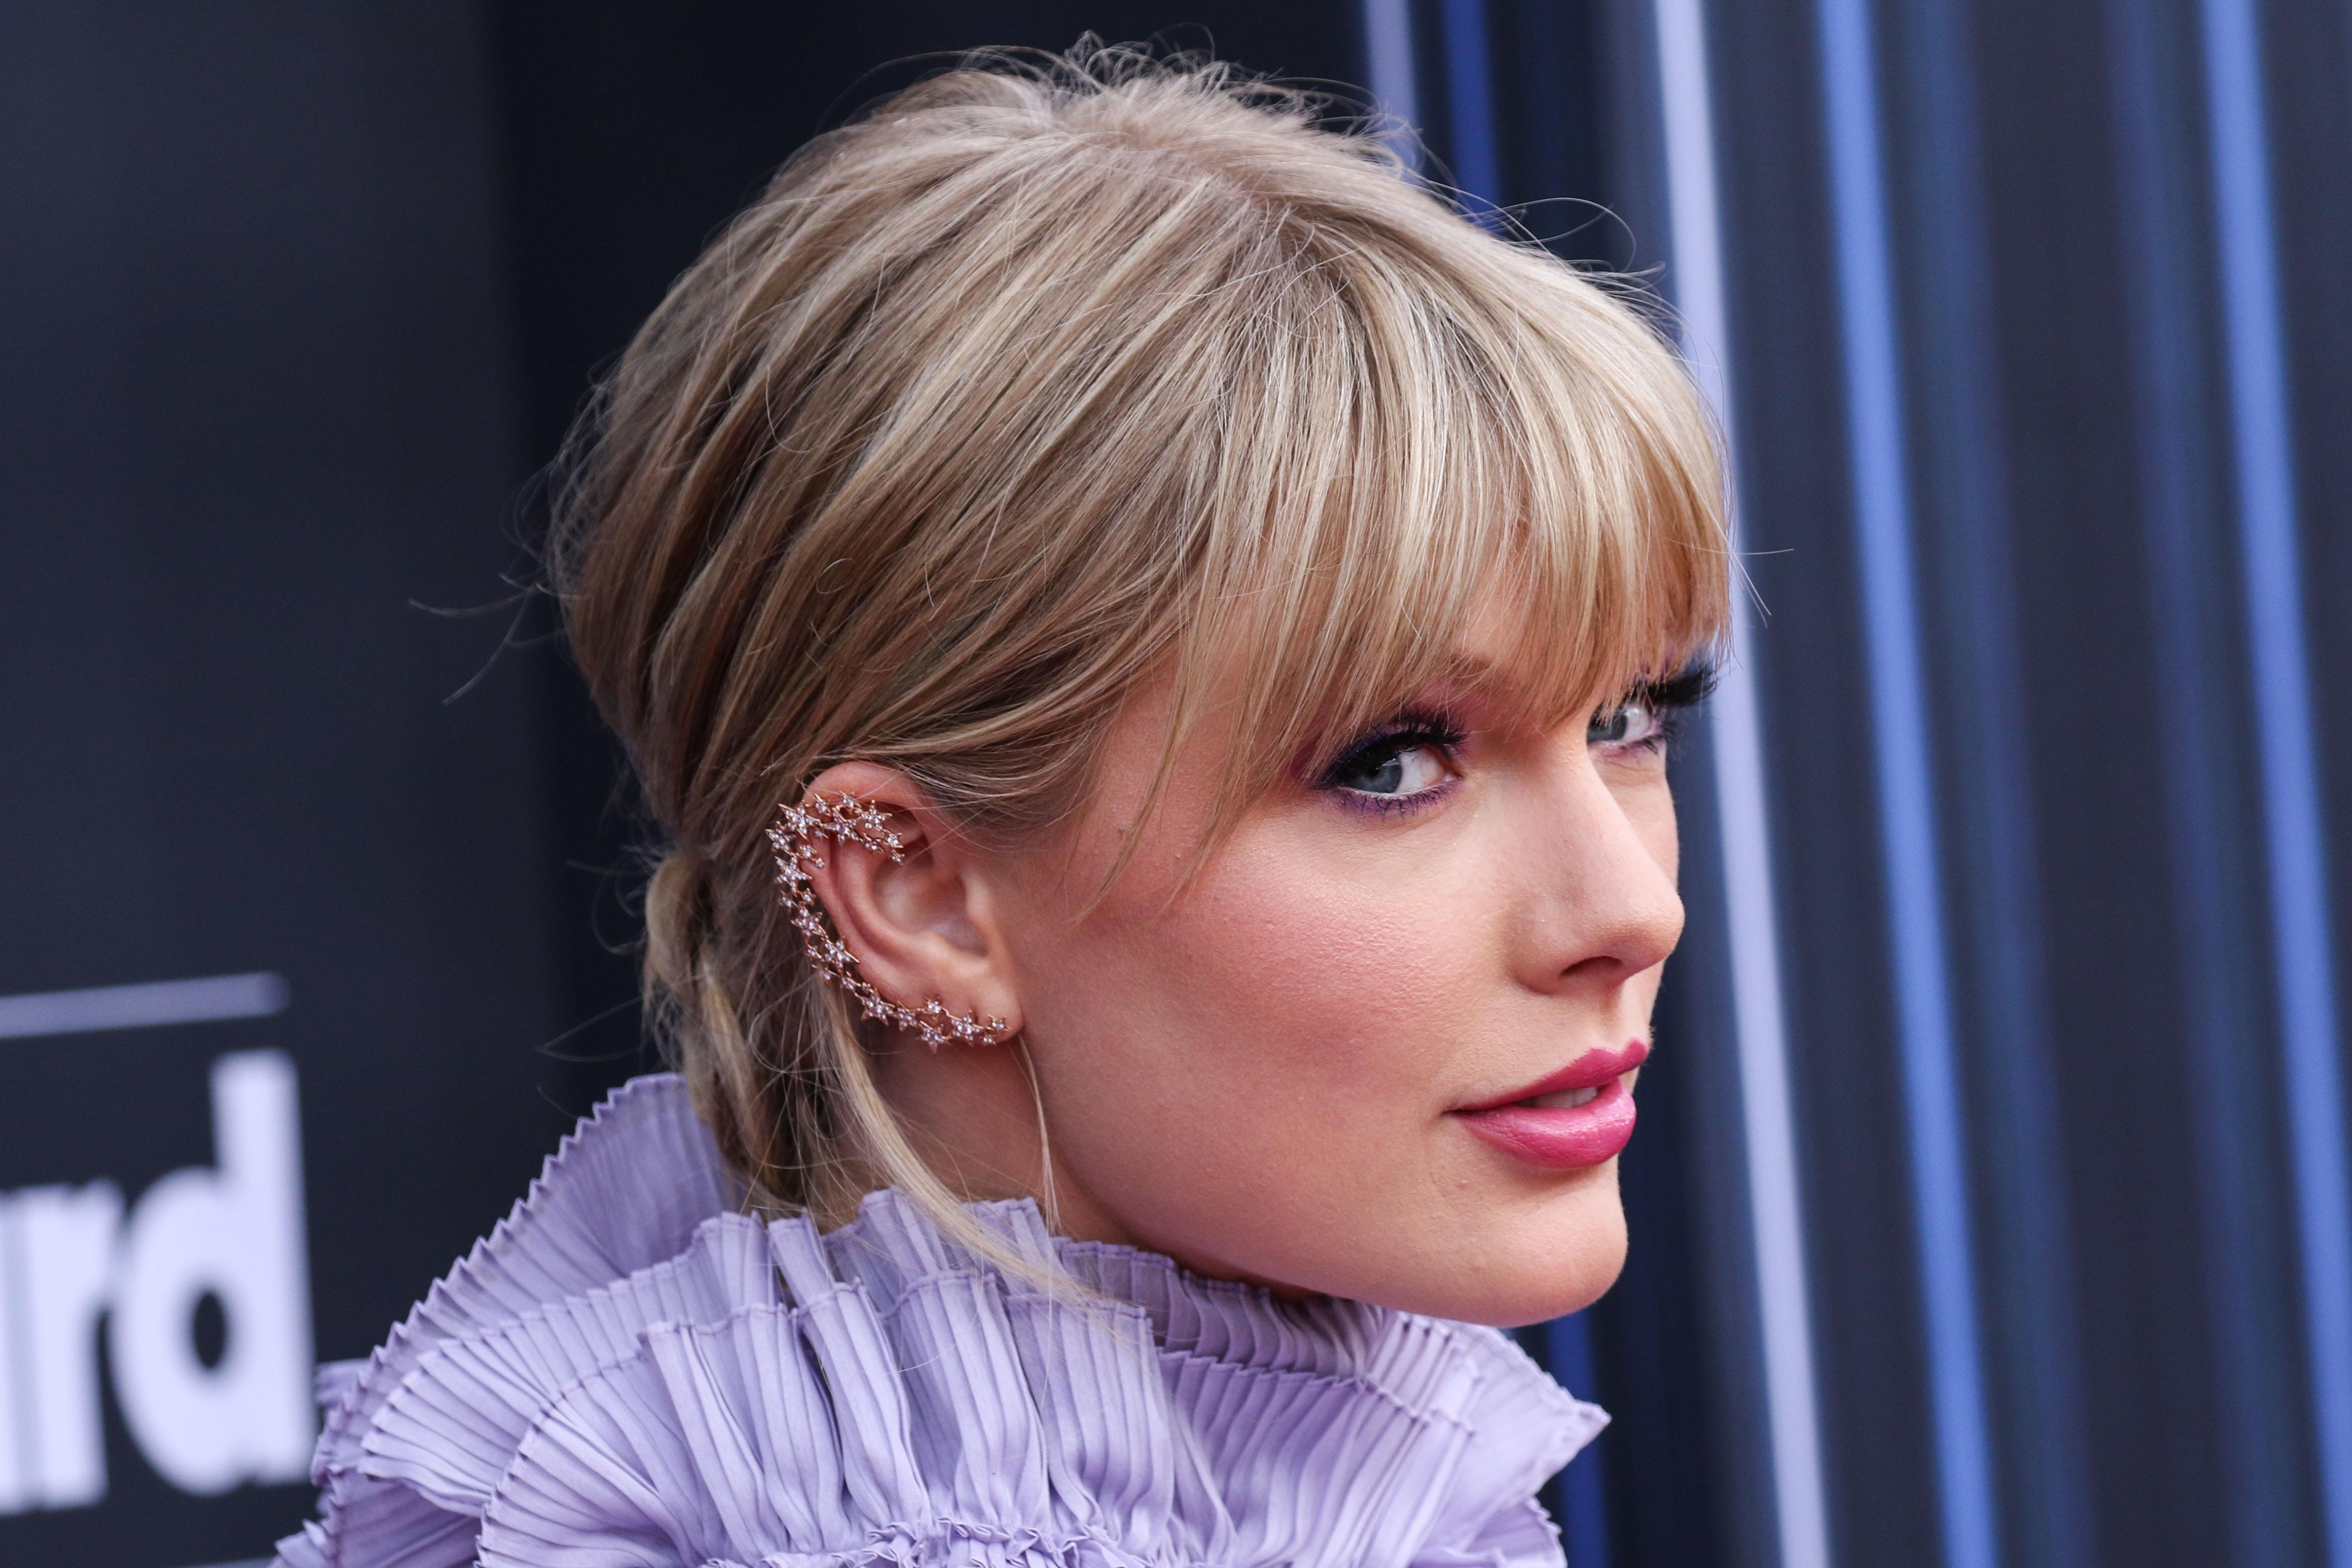 Η Taylor Swift άλλαξε δύο φορές χρώμα στα μαλλιά της στα BBMA!